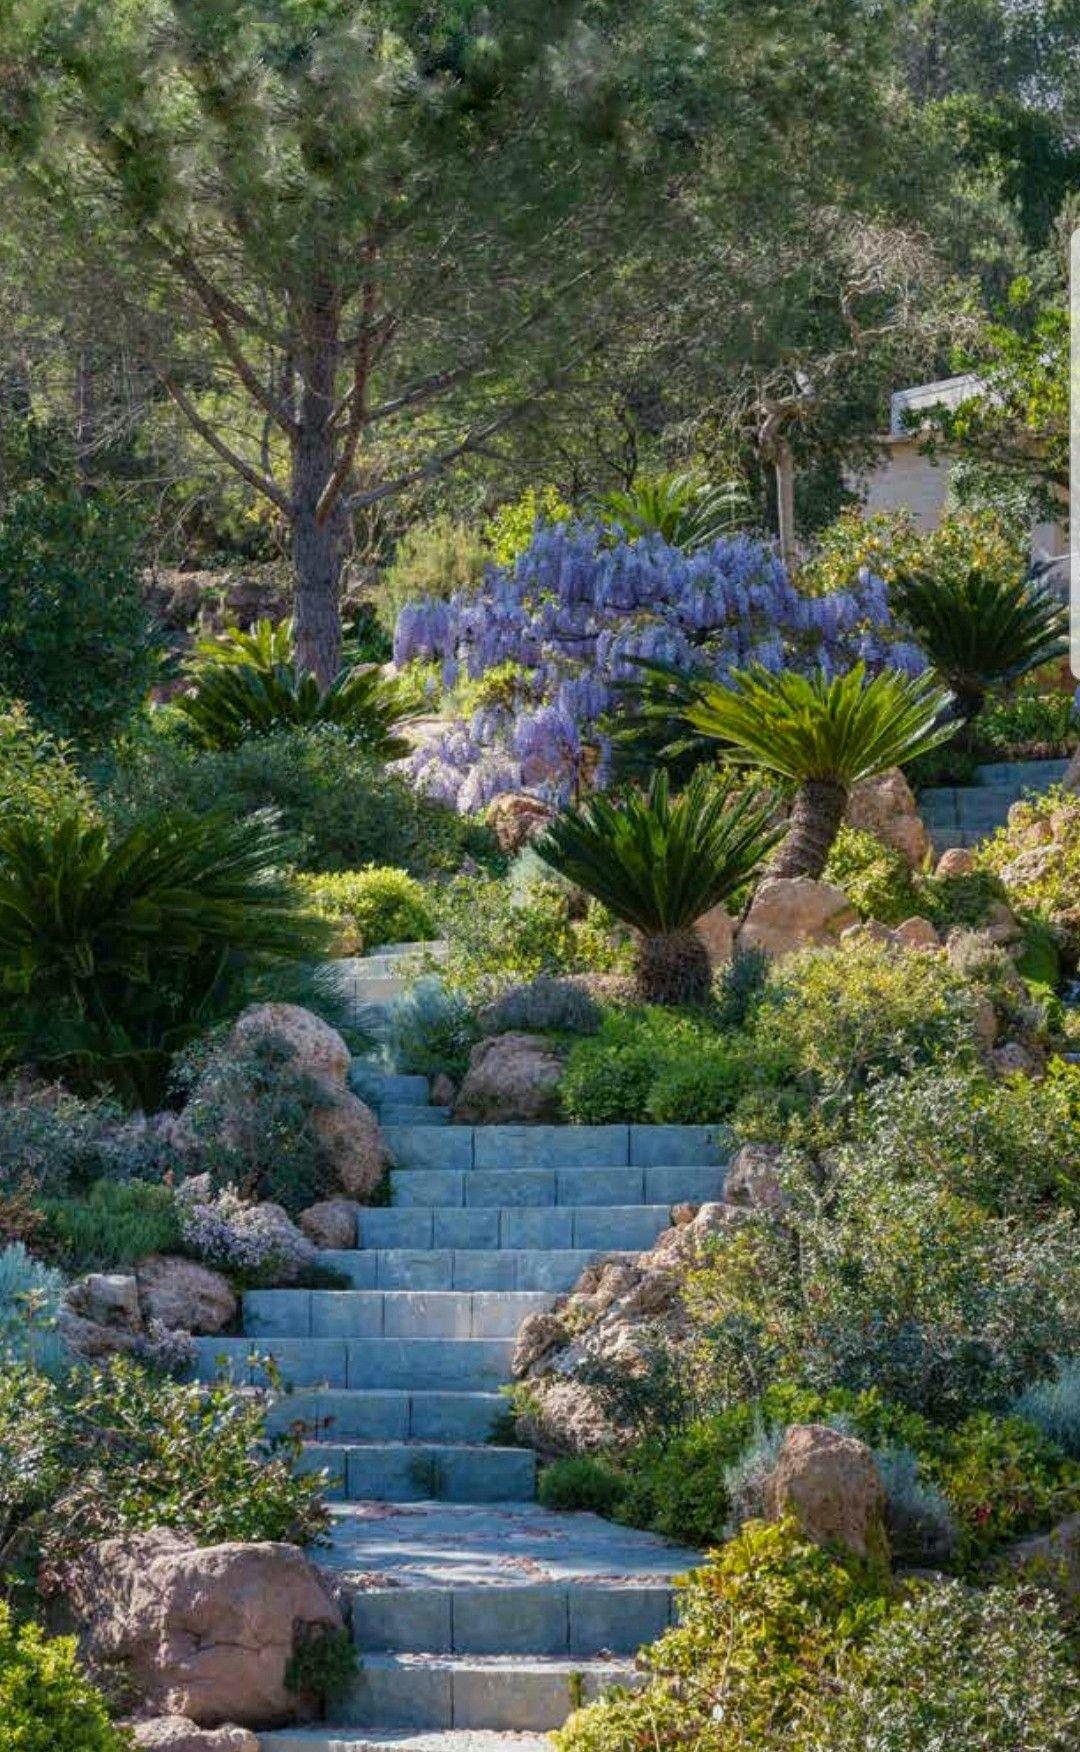 Mediterranee Mediterrane Gartengestaltung Garten Gartenprojekte